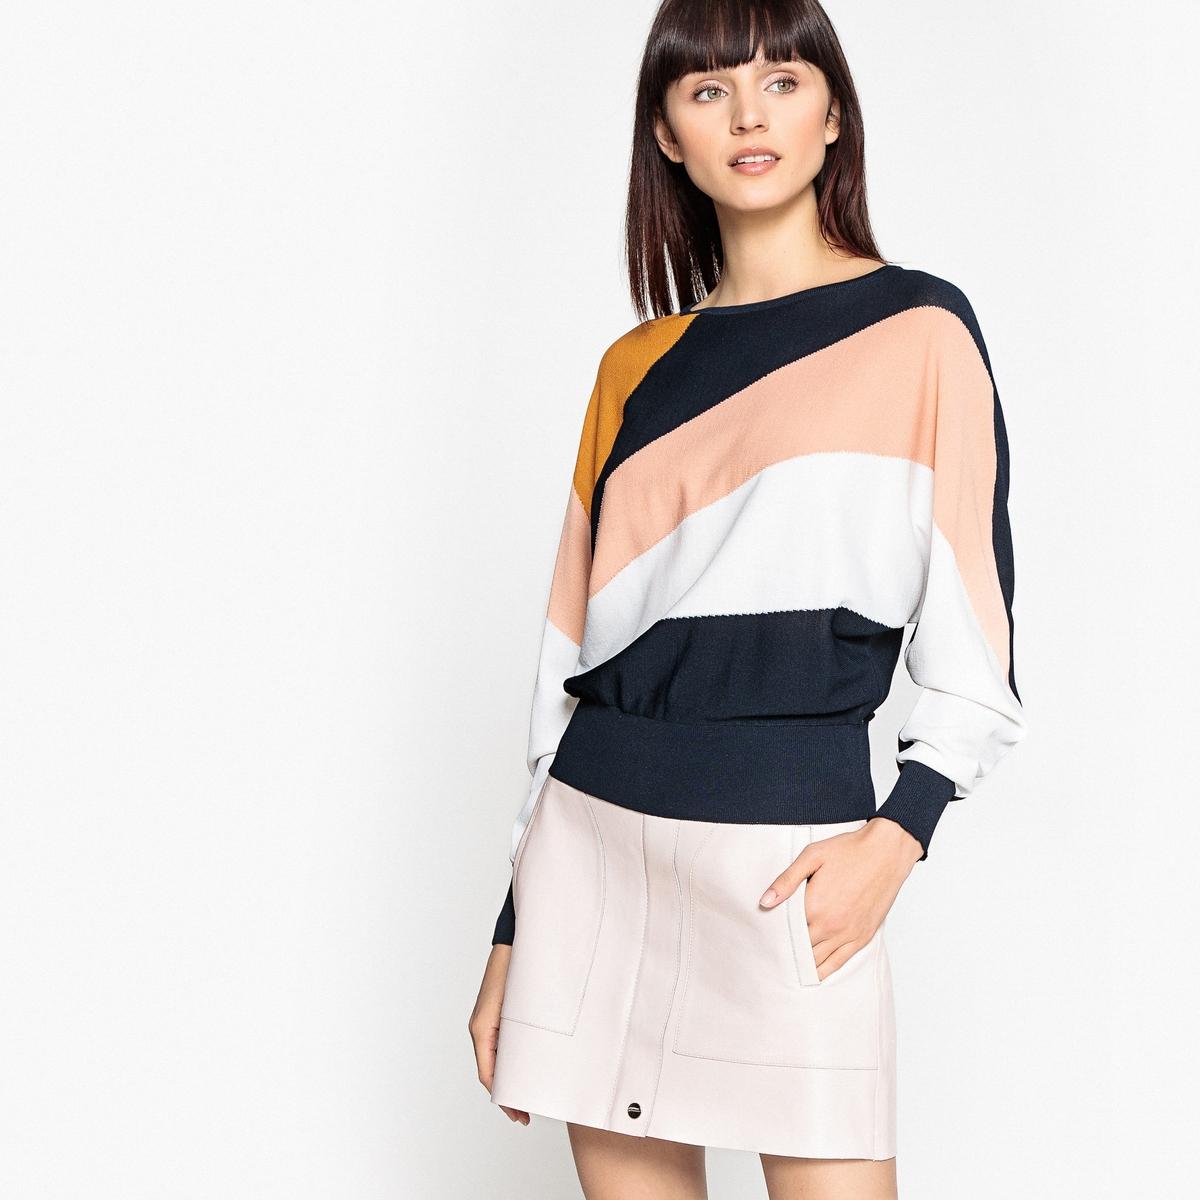 Пуловер разноцветный с рукавами-летучая мышь полуприлегающее платье с рукавами летучая мышь s